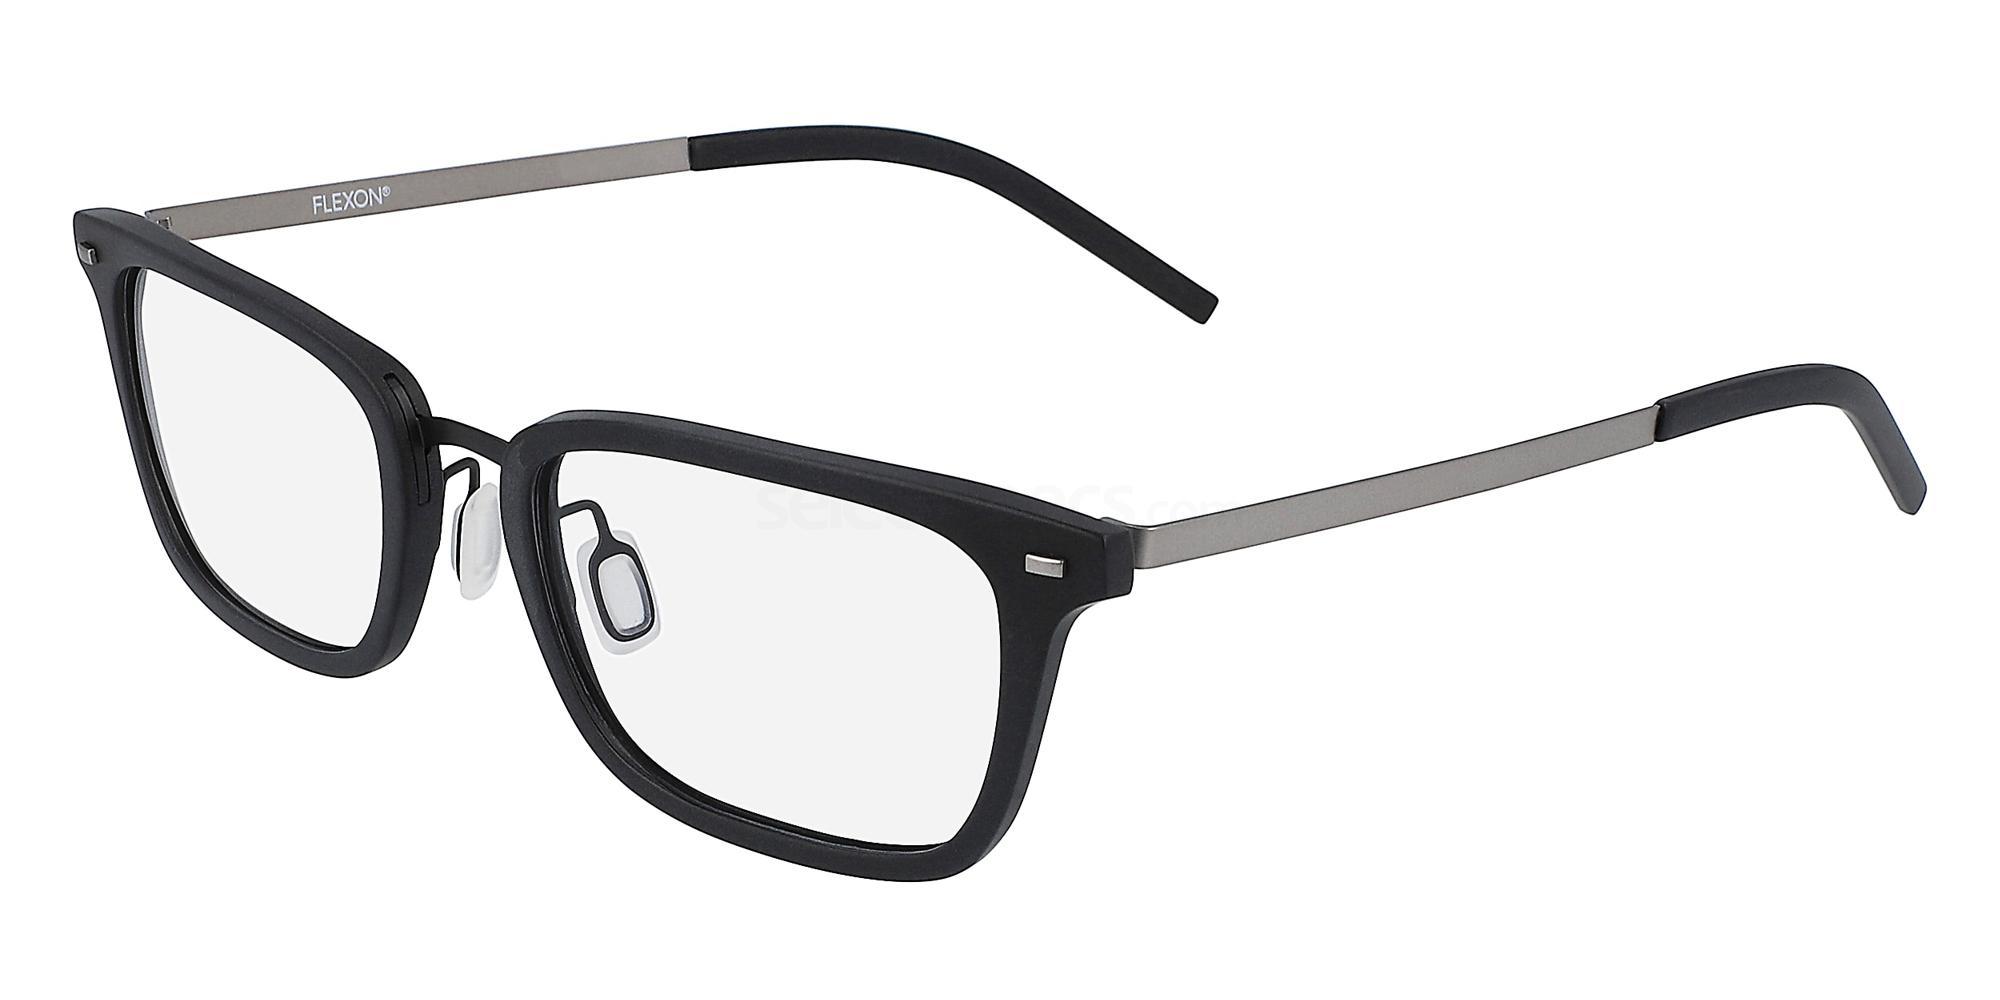 001 FLEXON B2021 Glasses, Flexon